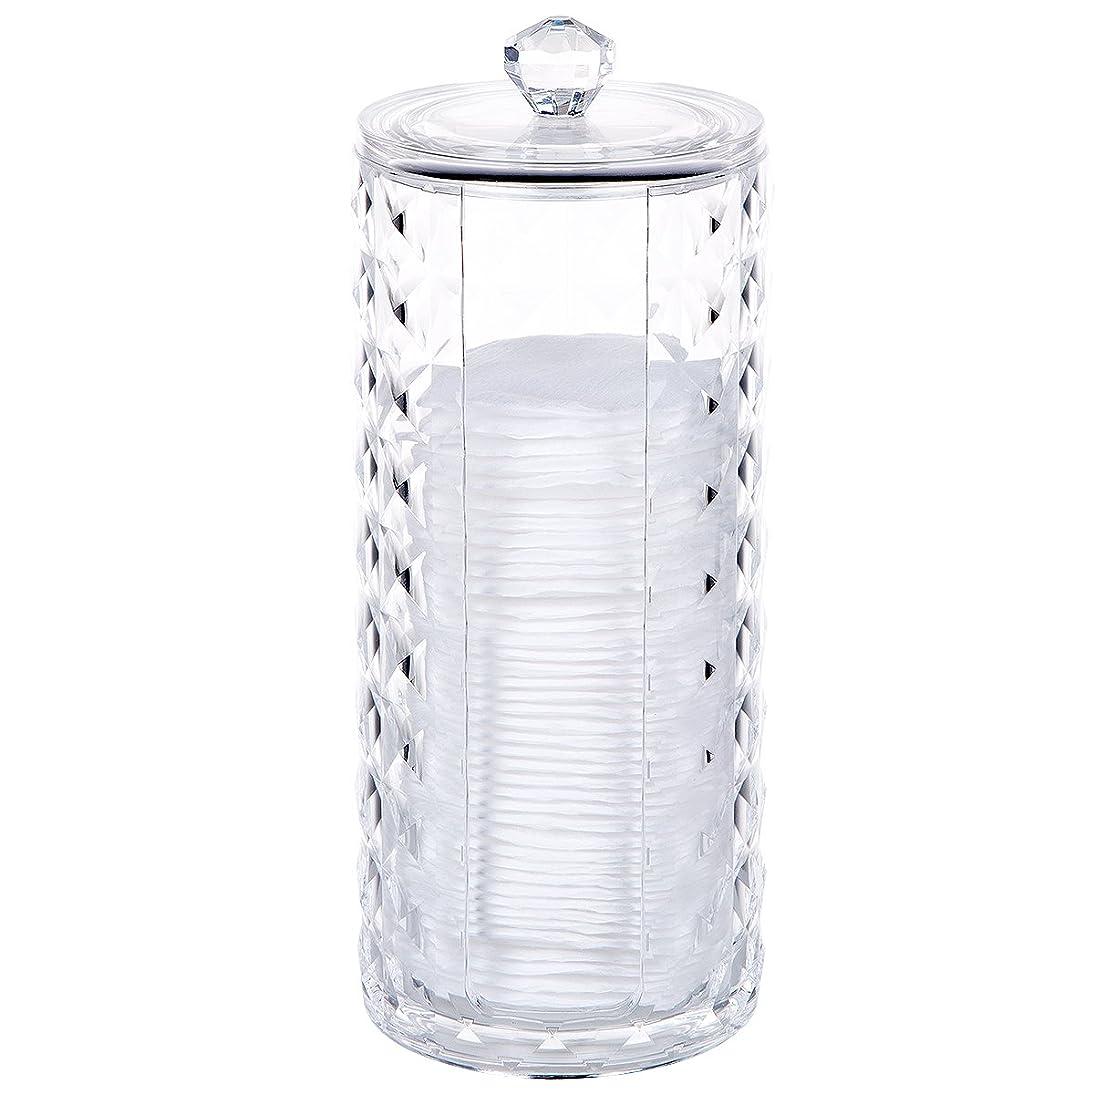 コットン収納 綿棒収納ボックス アクリル コスメ小物用品?化粧品収納ケース 透明 (コットン収納)